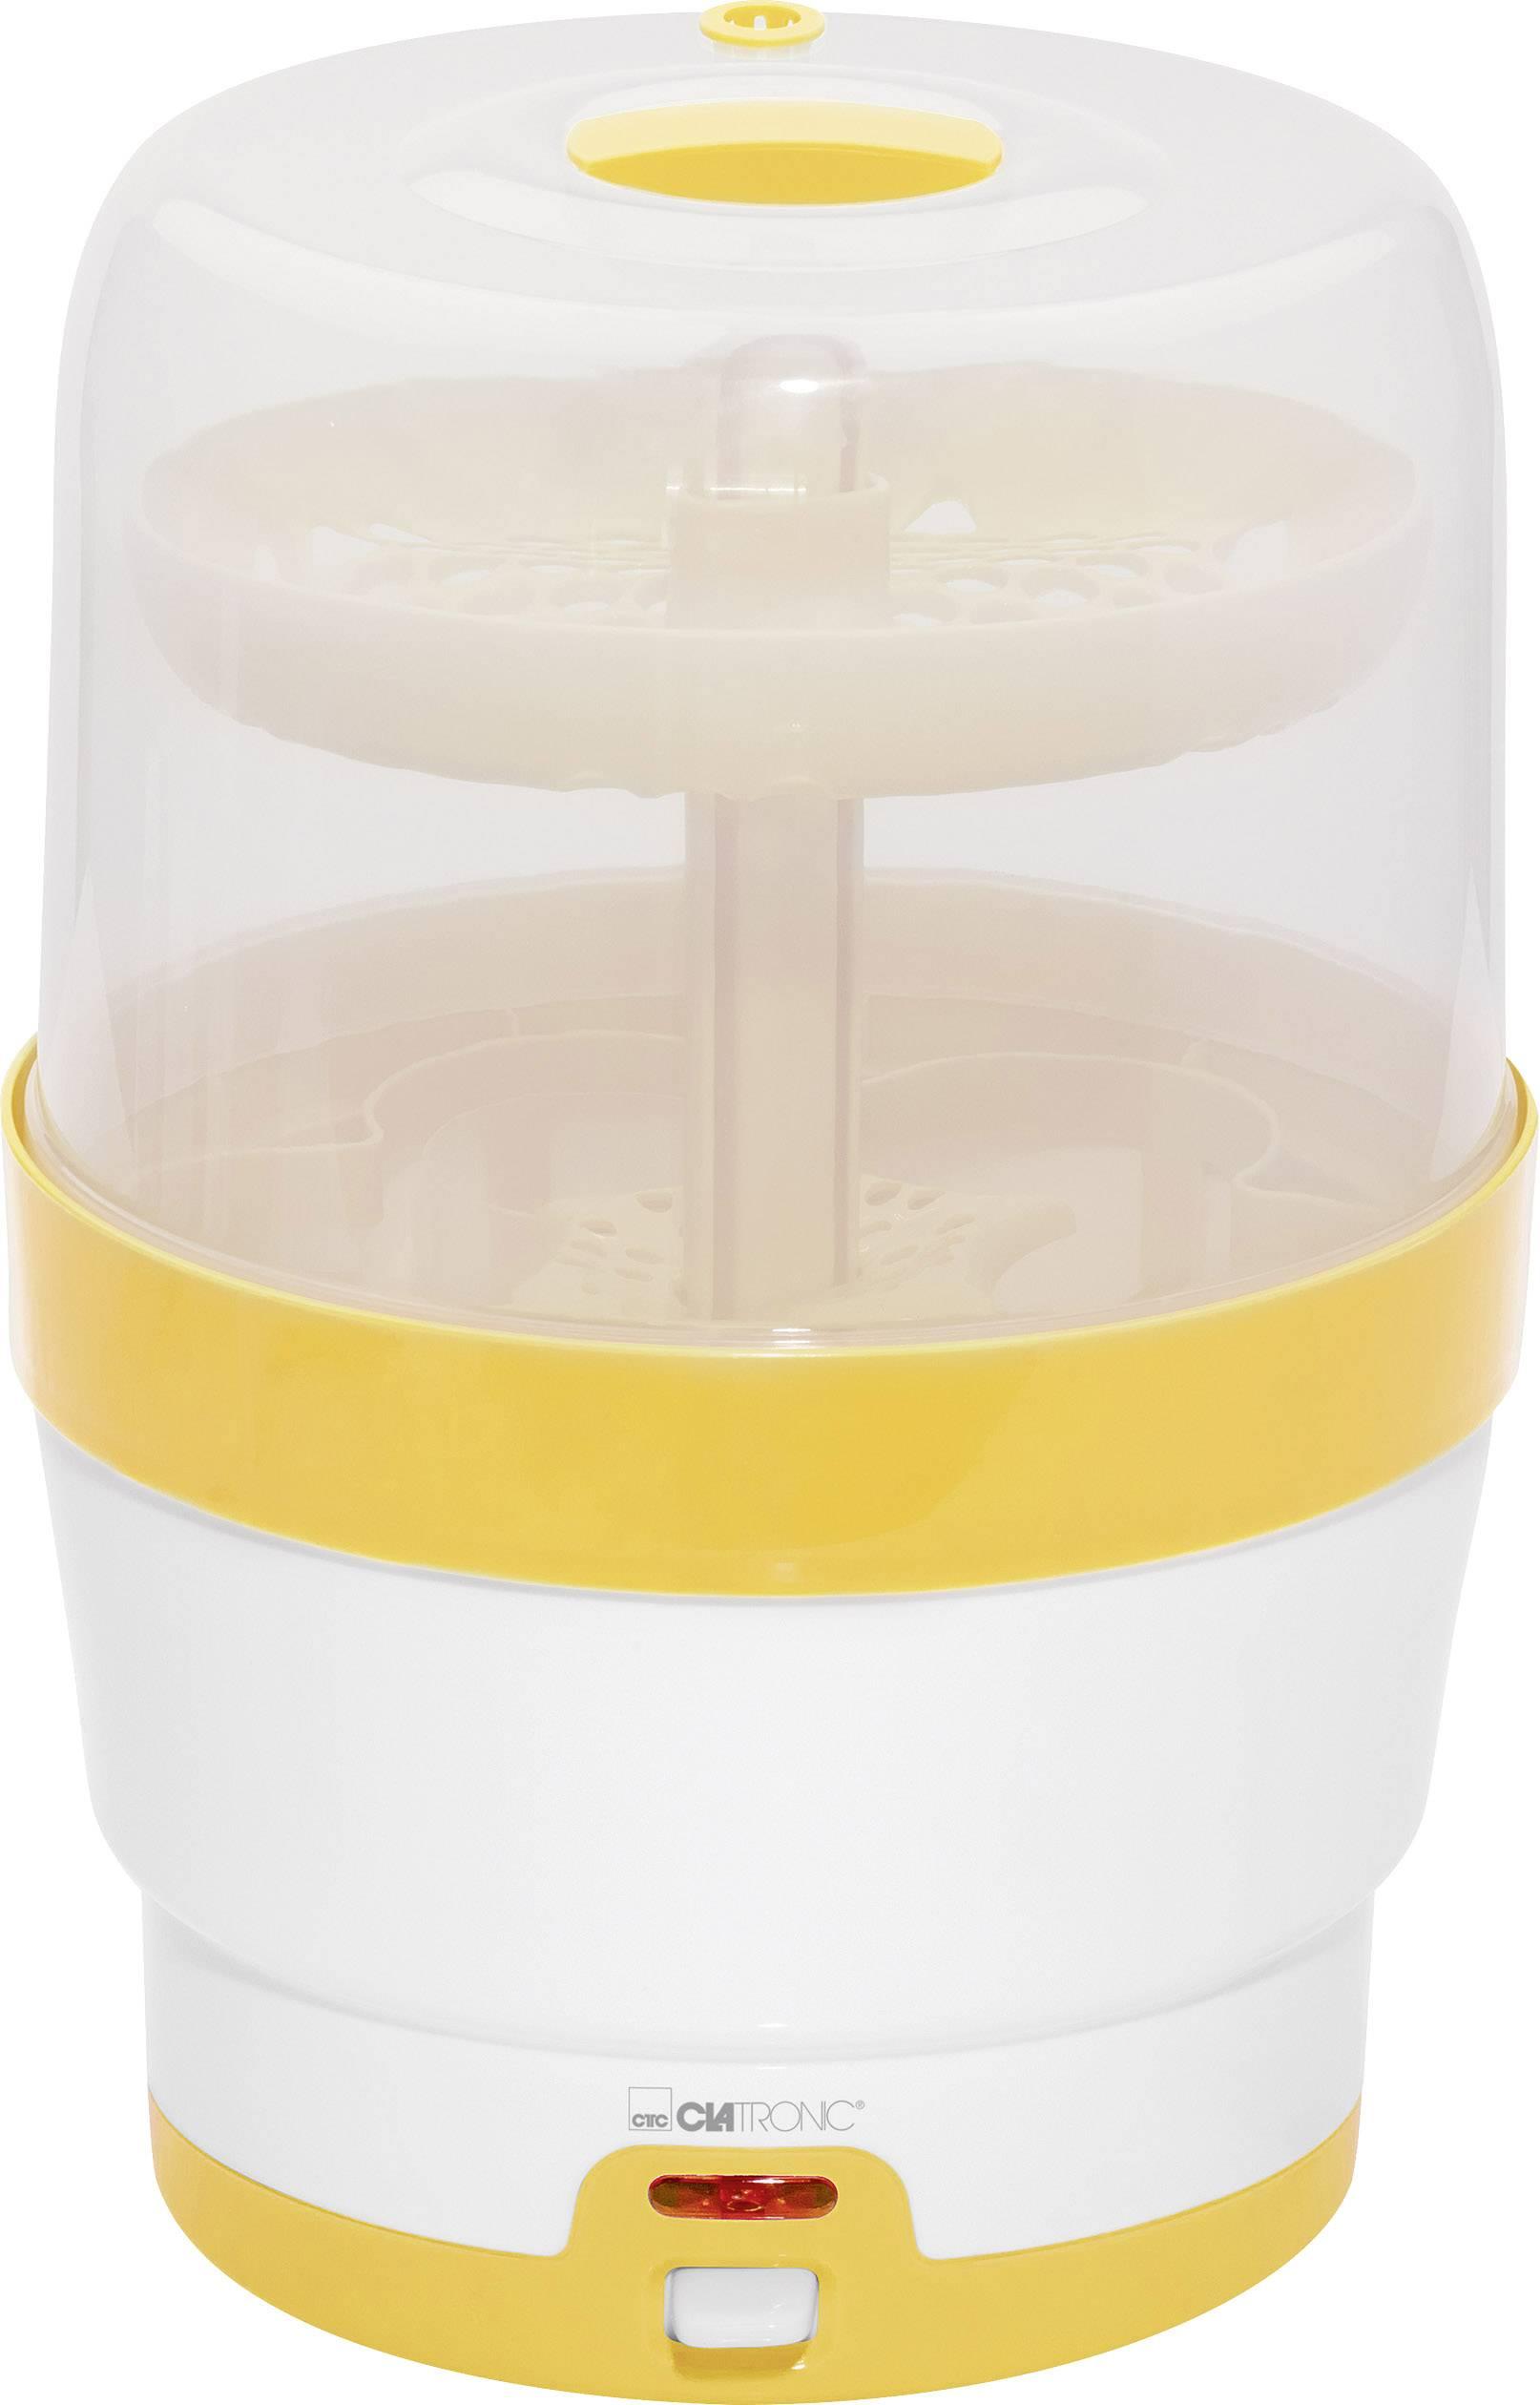 Sterilizátor láhví pro kojence Clatronic BFS 3616 bílá, žlutá